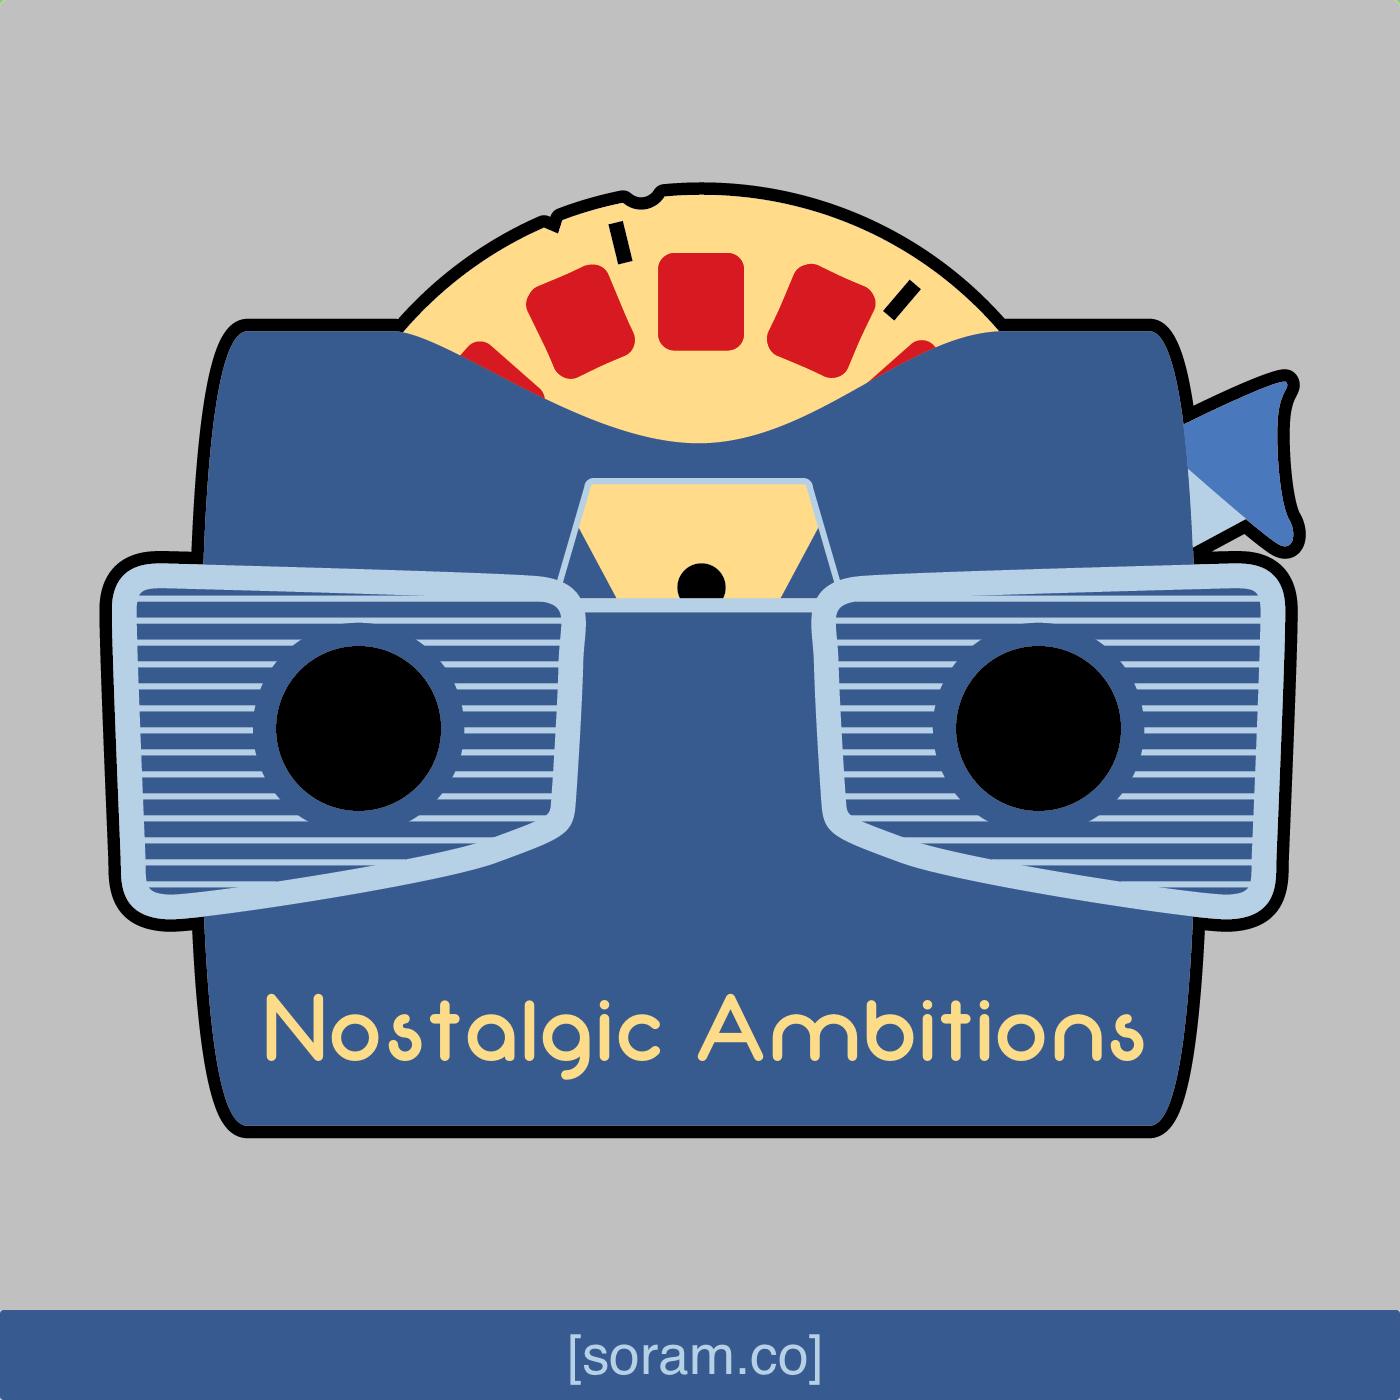 Nostalgic Ambitions